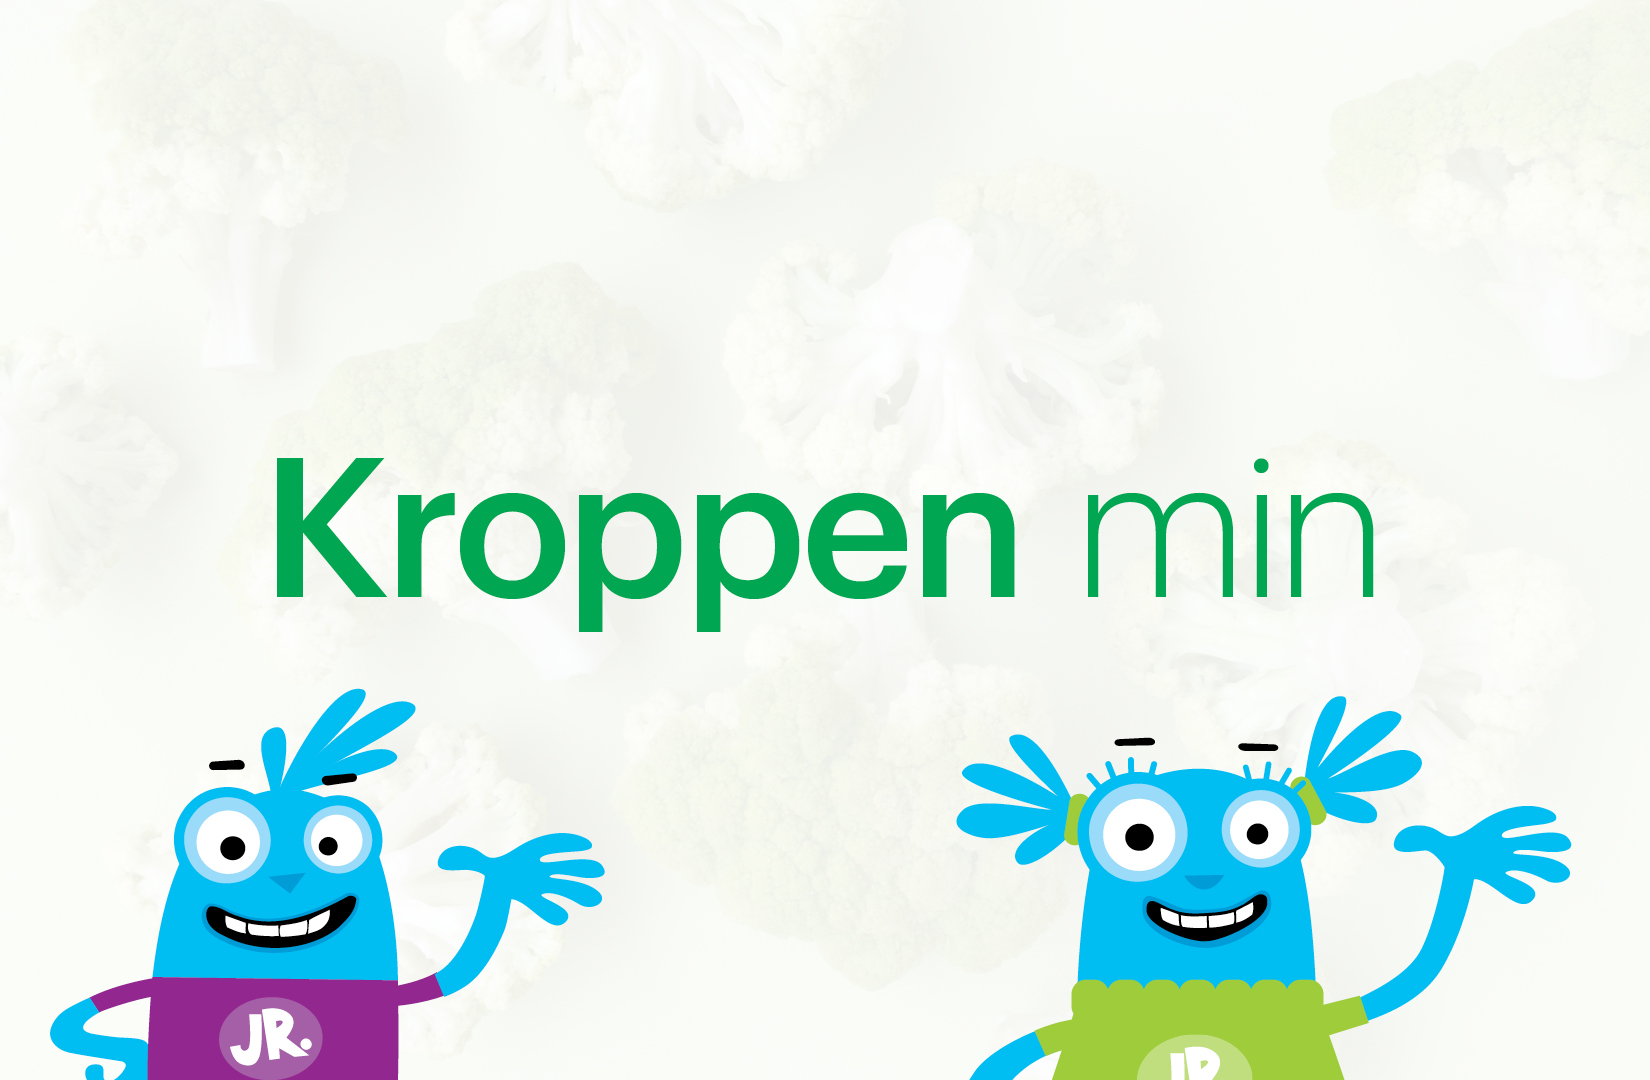 HooplaKroppenMin02.jpg